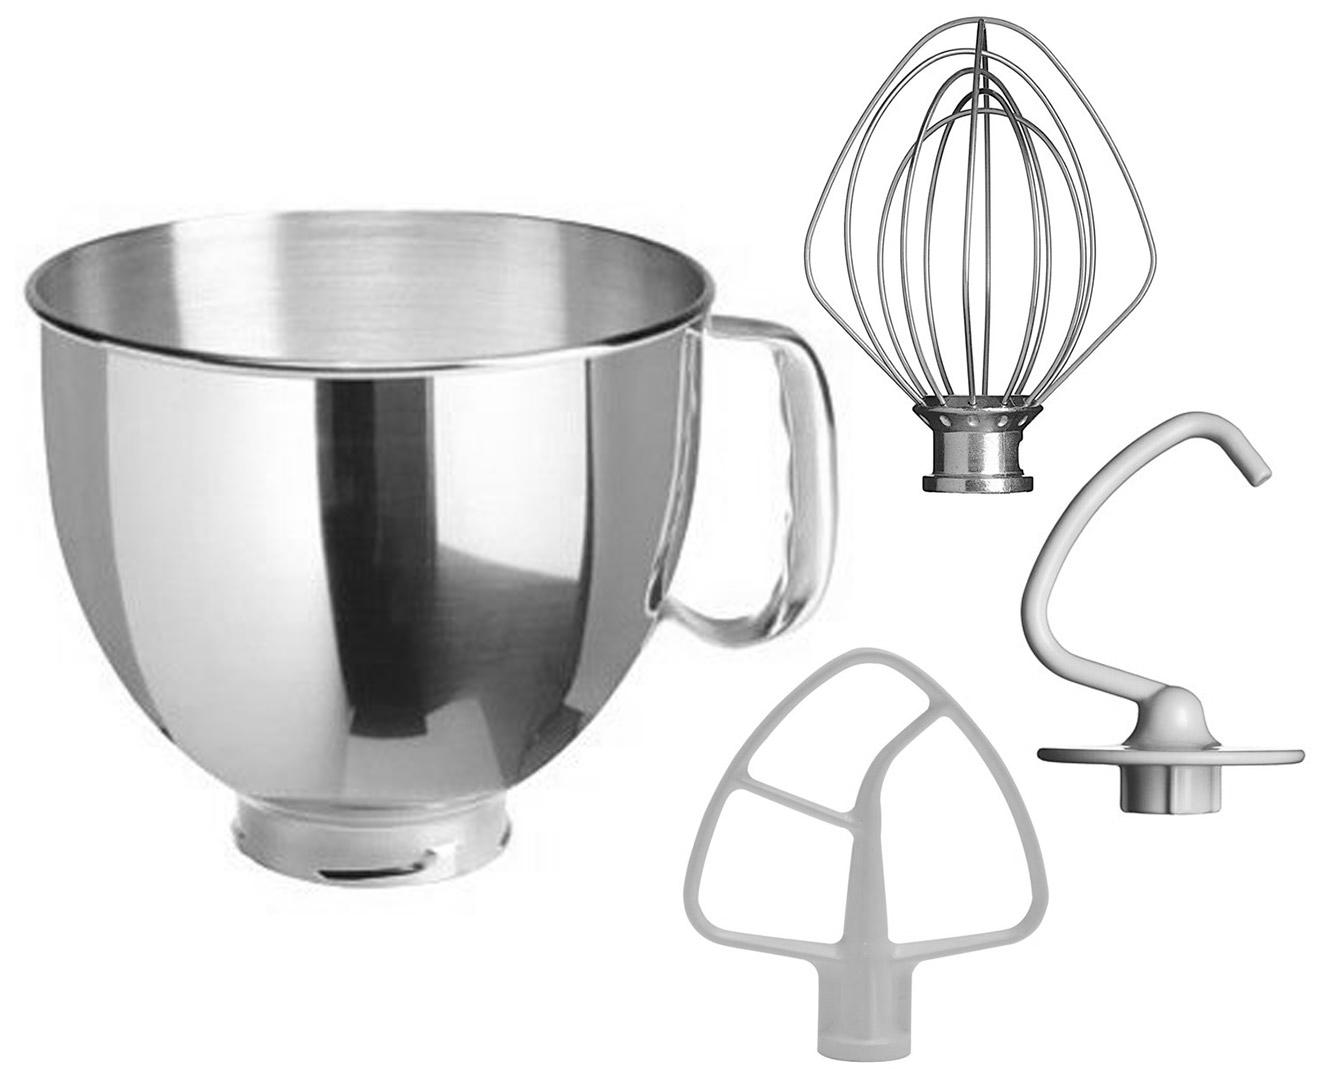 kitchenaid k5ss bowl lift stand mixer refurb white ebay